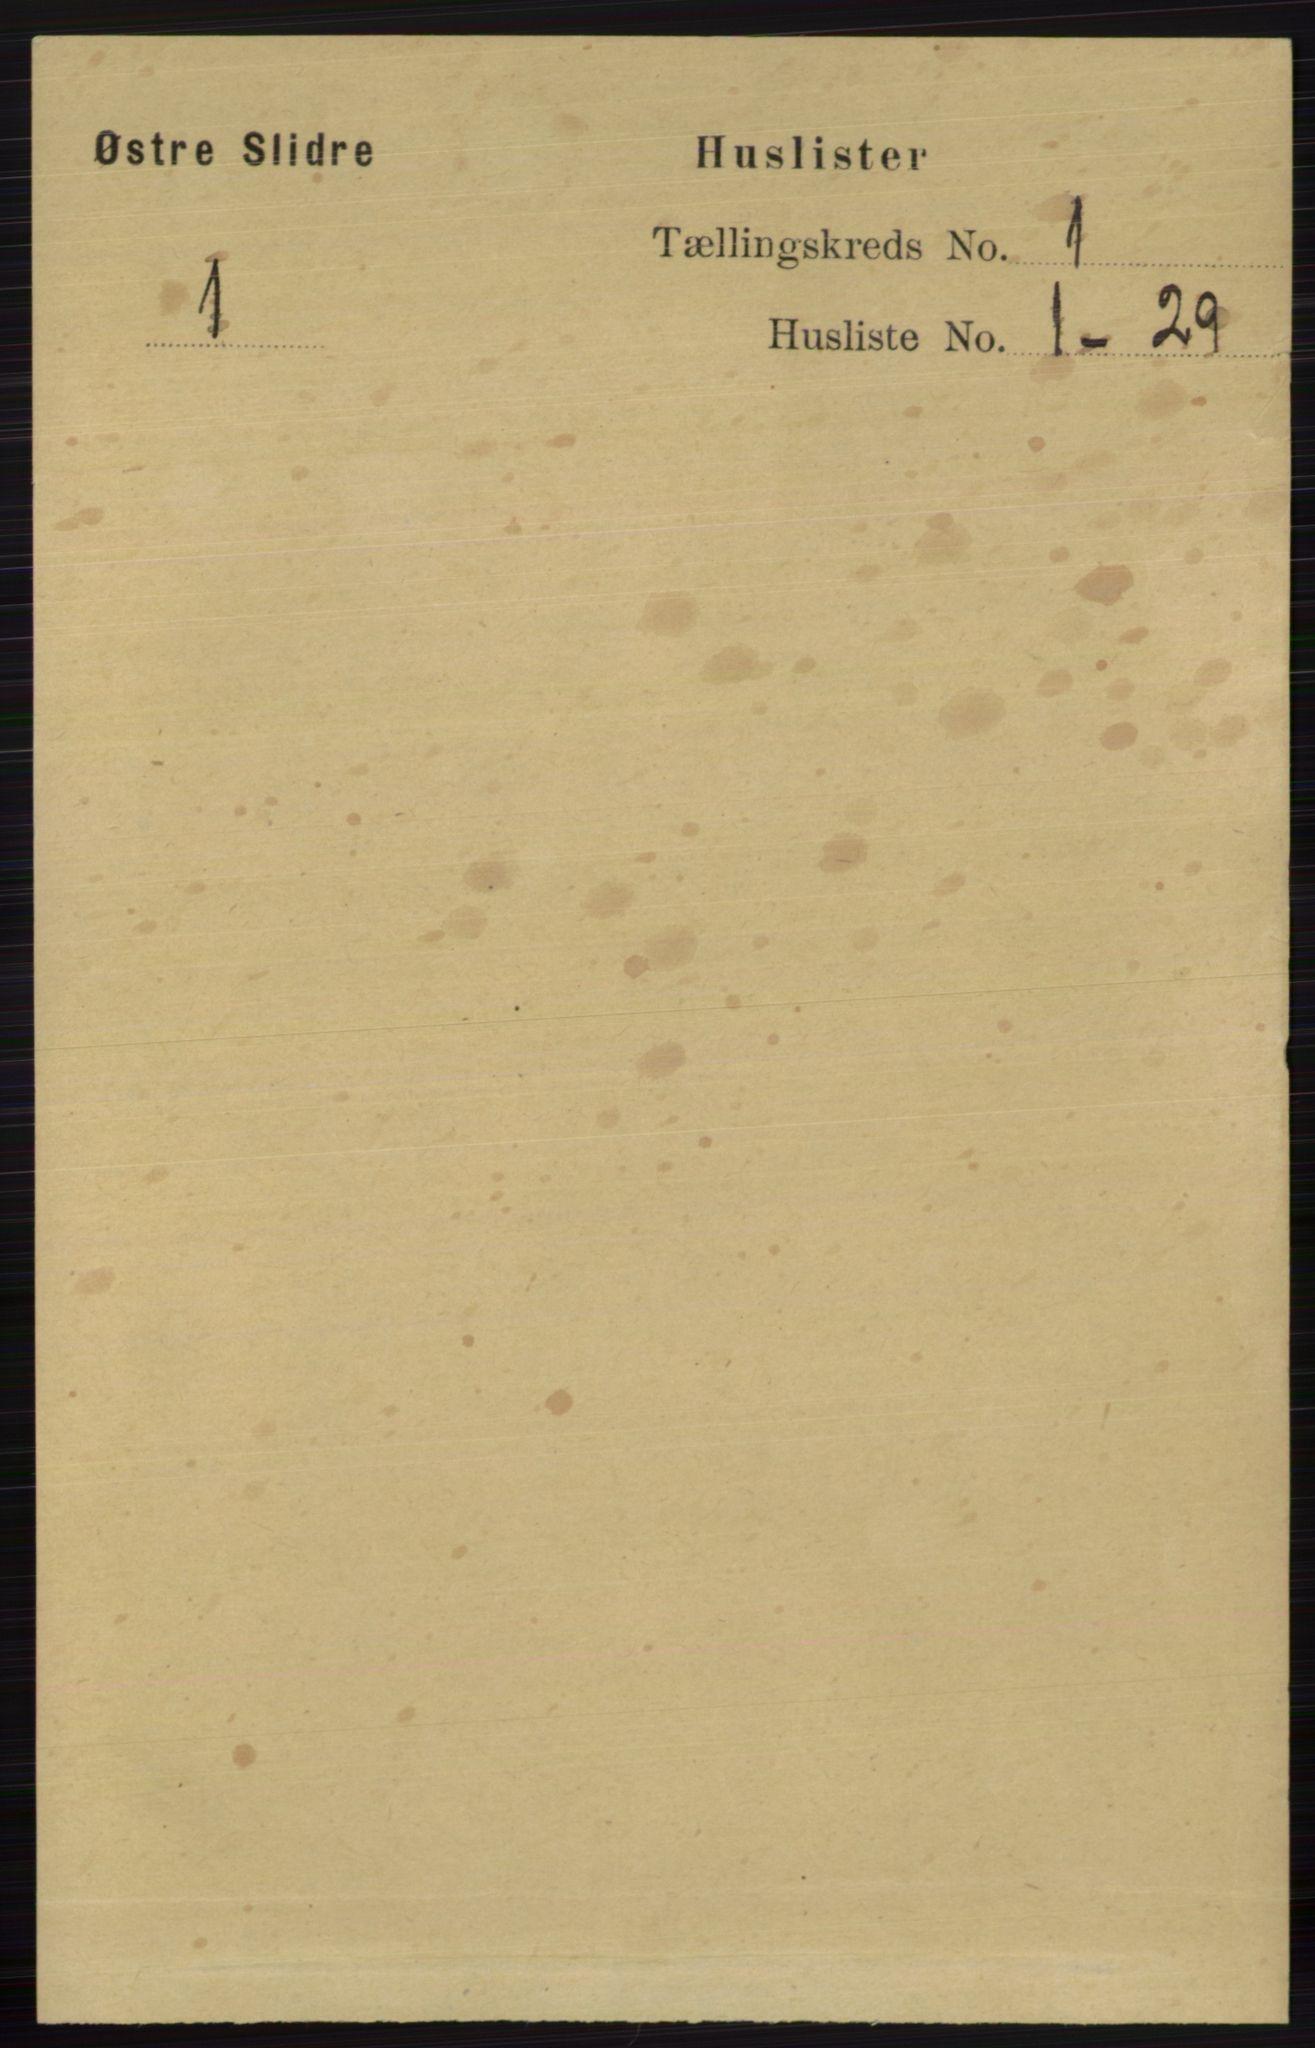 RA, Folketelling 1891 for 0544 Øystre Slidre herred, 1891, s. 26